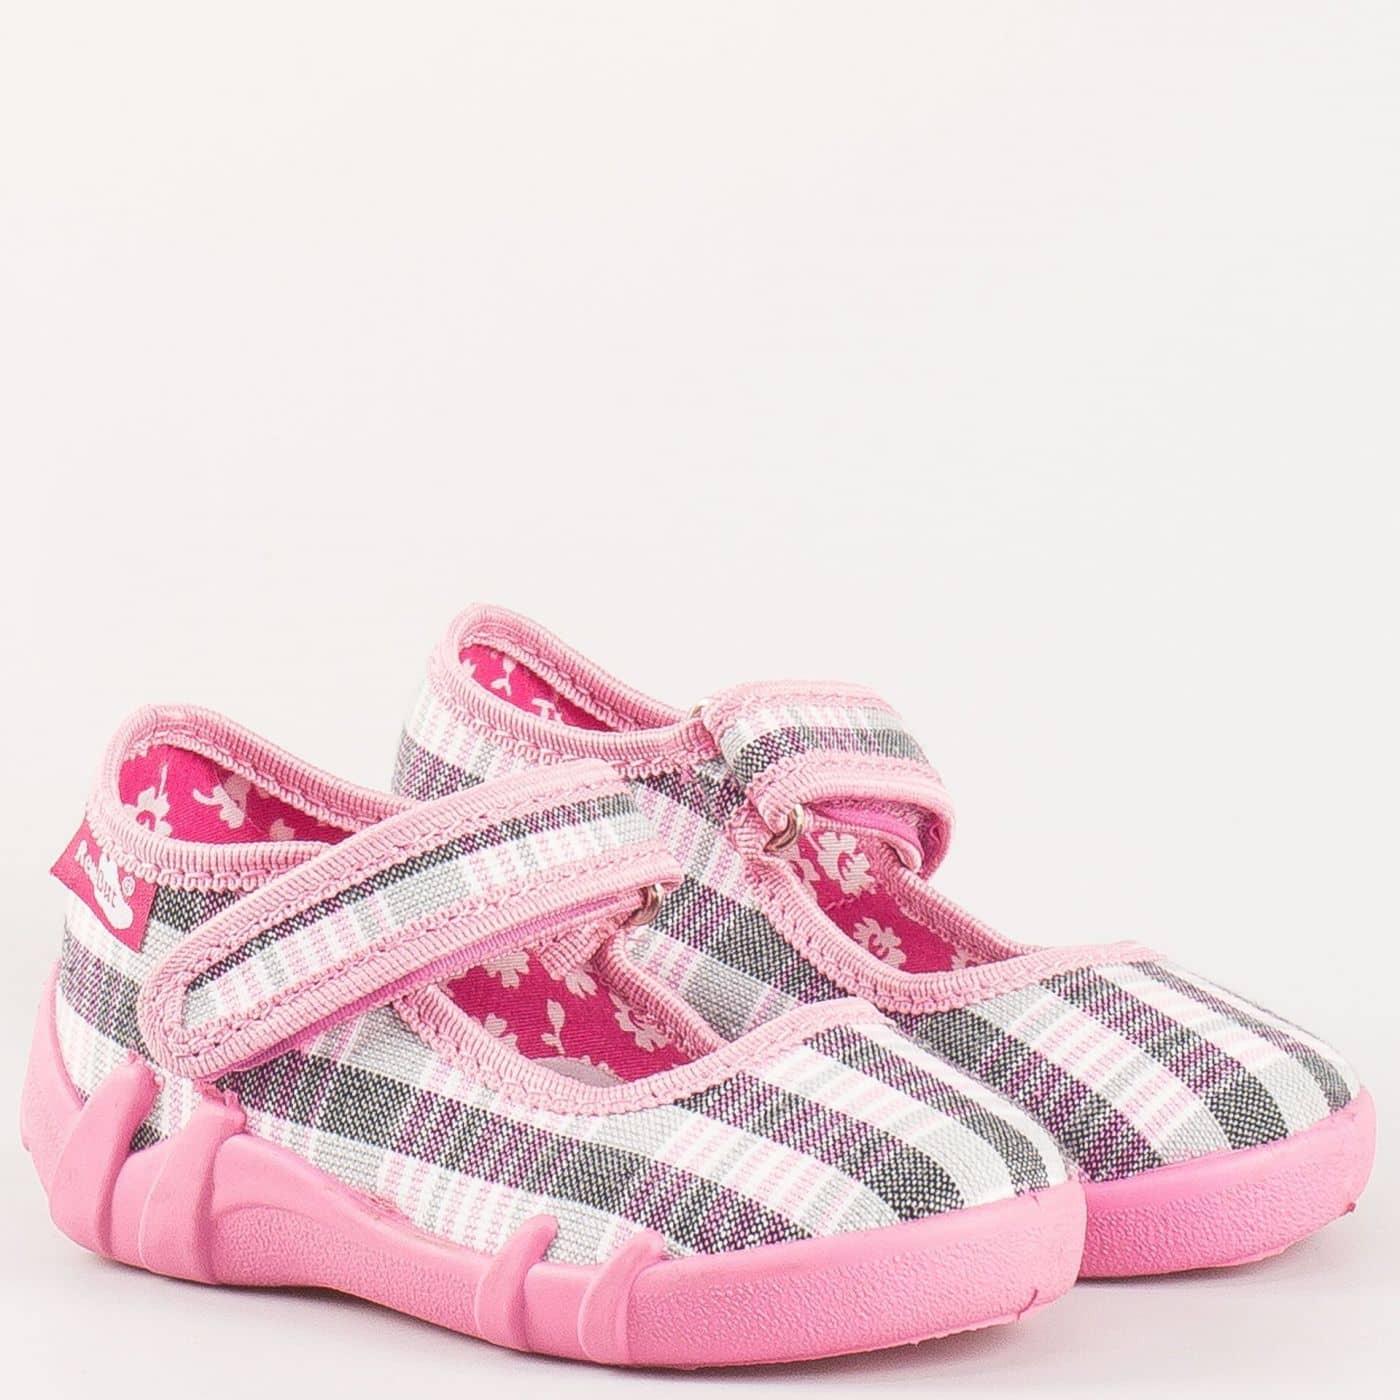 ed9a924f835 Розови детски пантофки на дишащо ходило 13139ksv - Zebra 1992